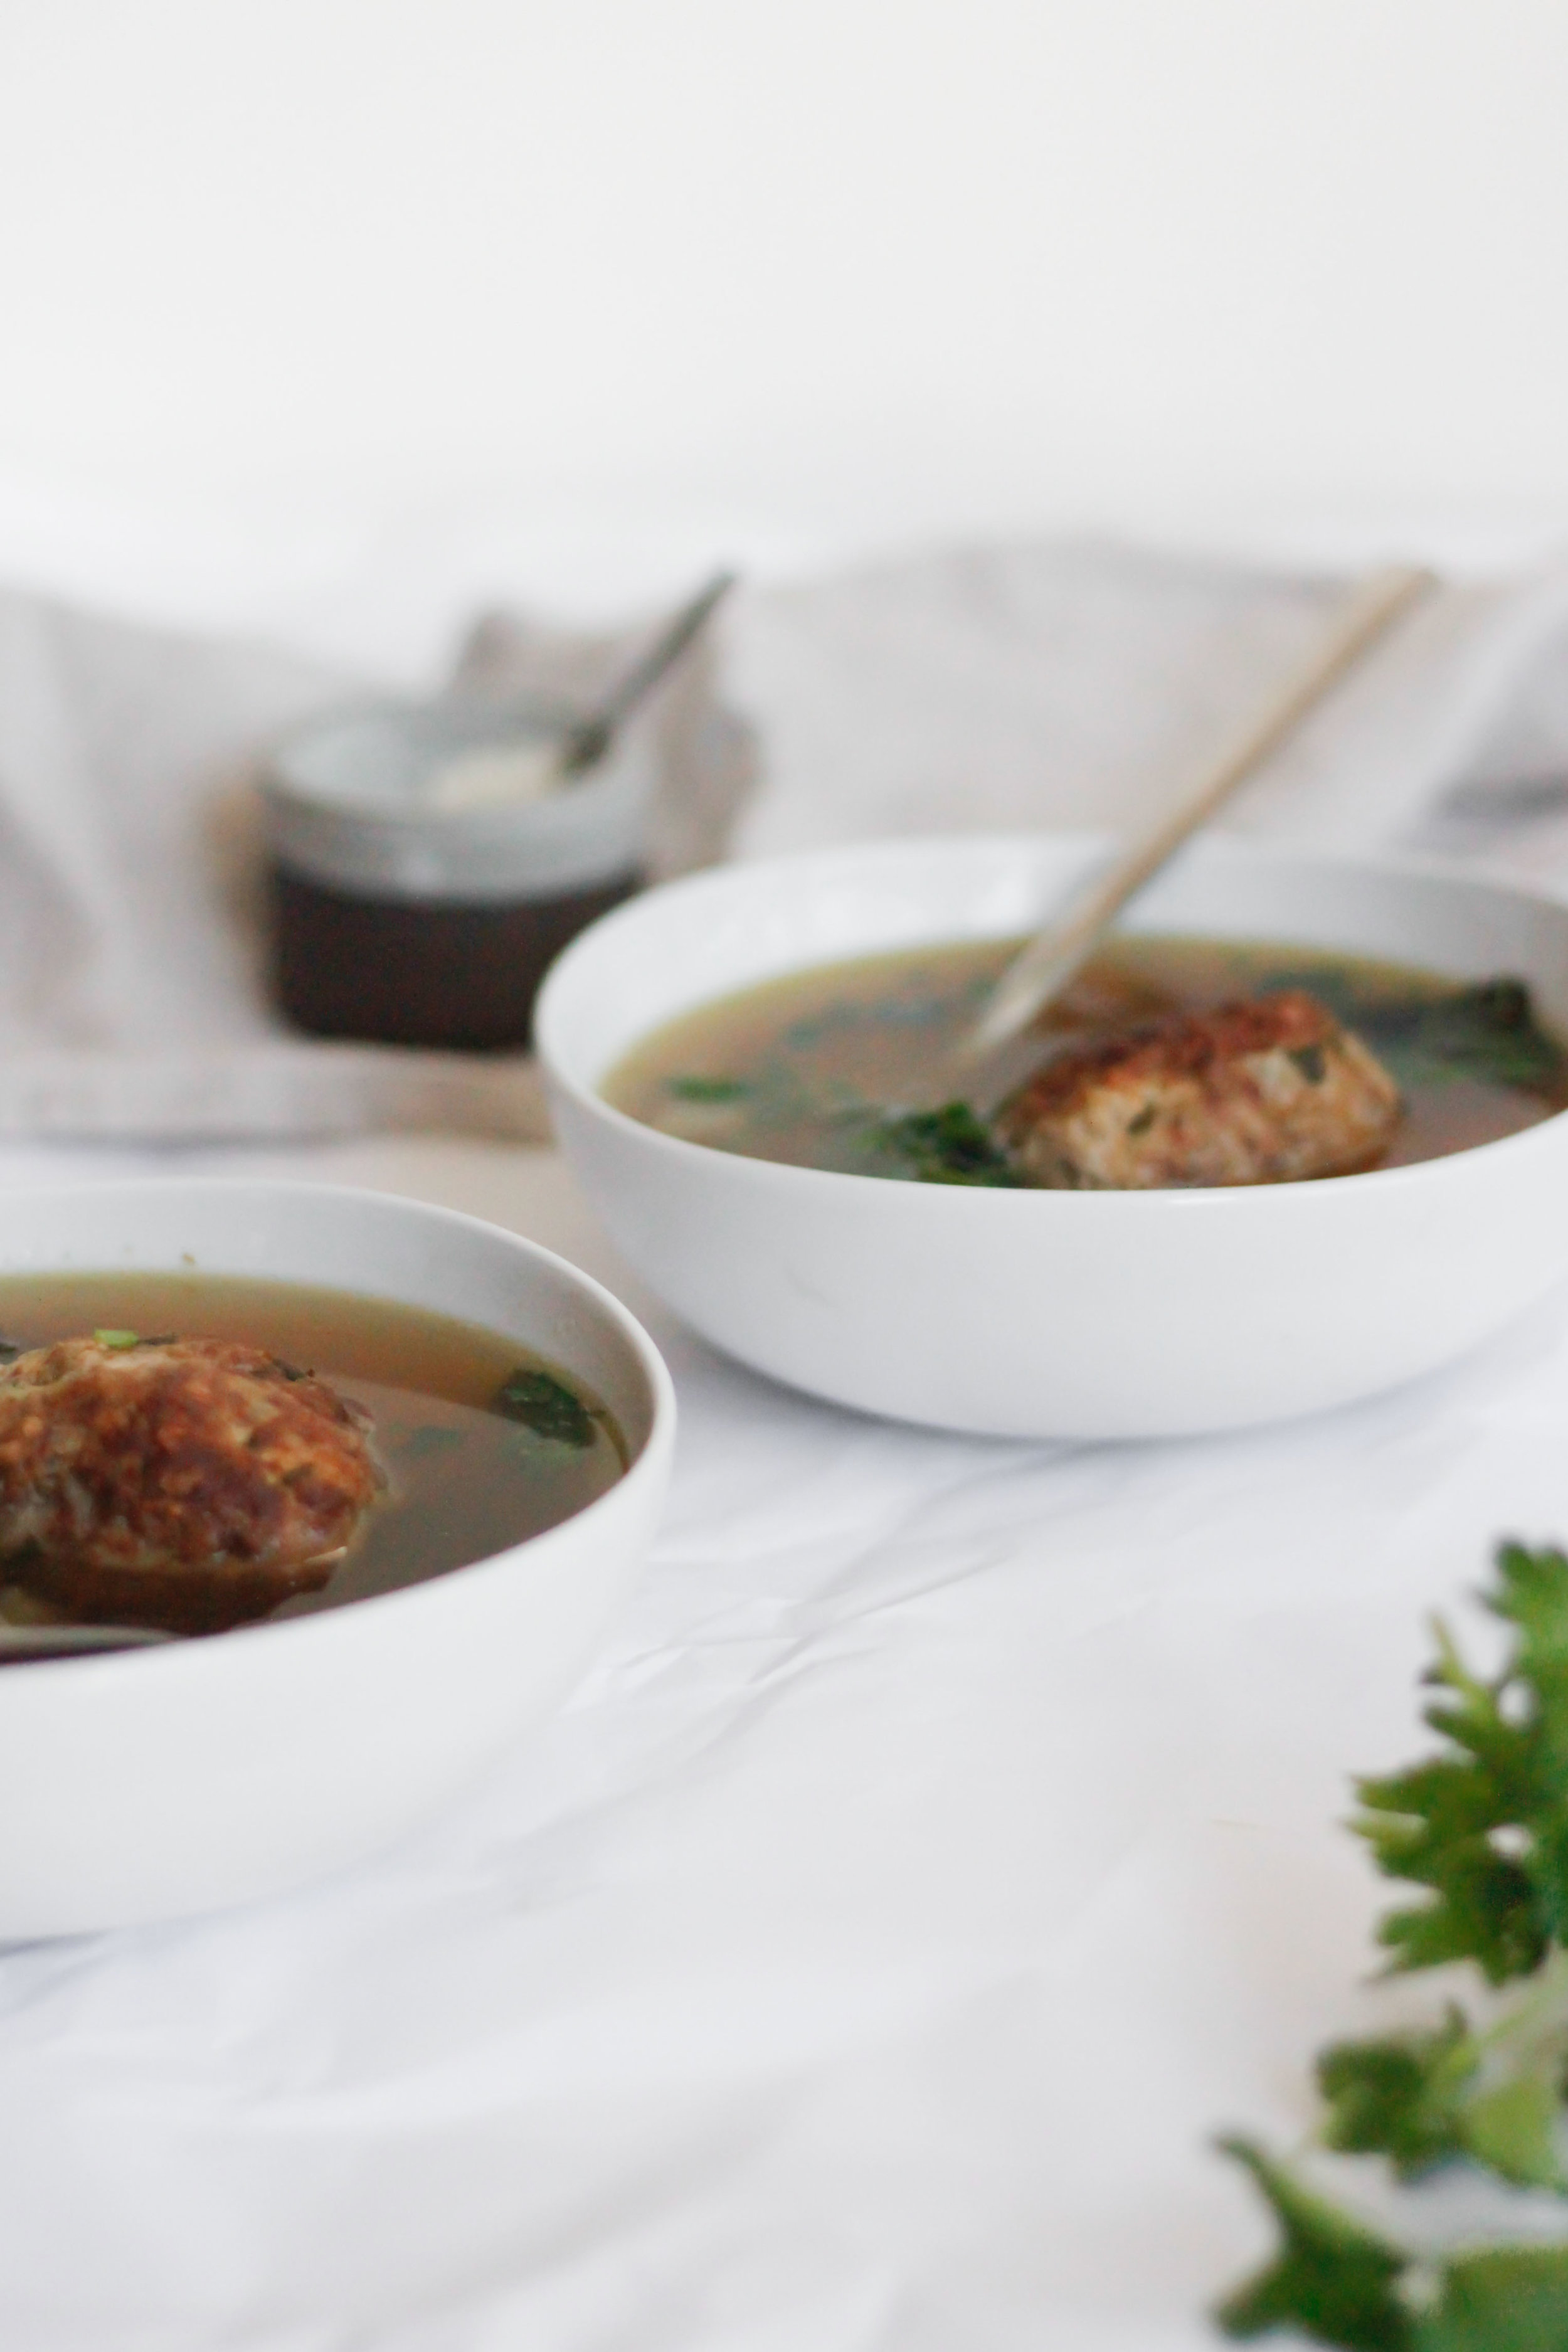 Italian wedding soup with giant meatballs